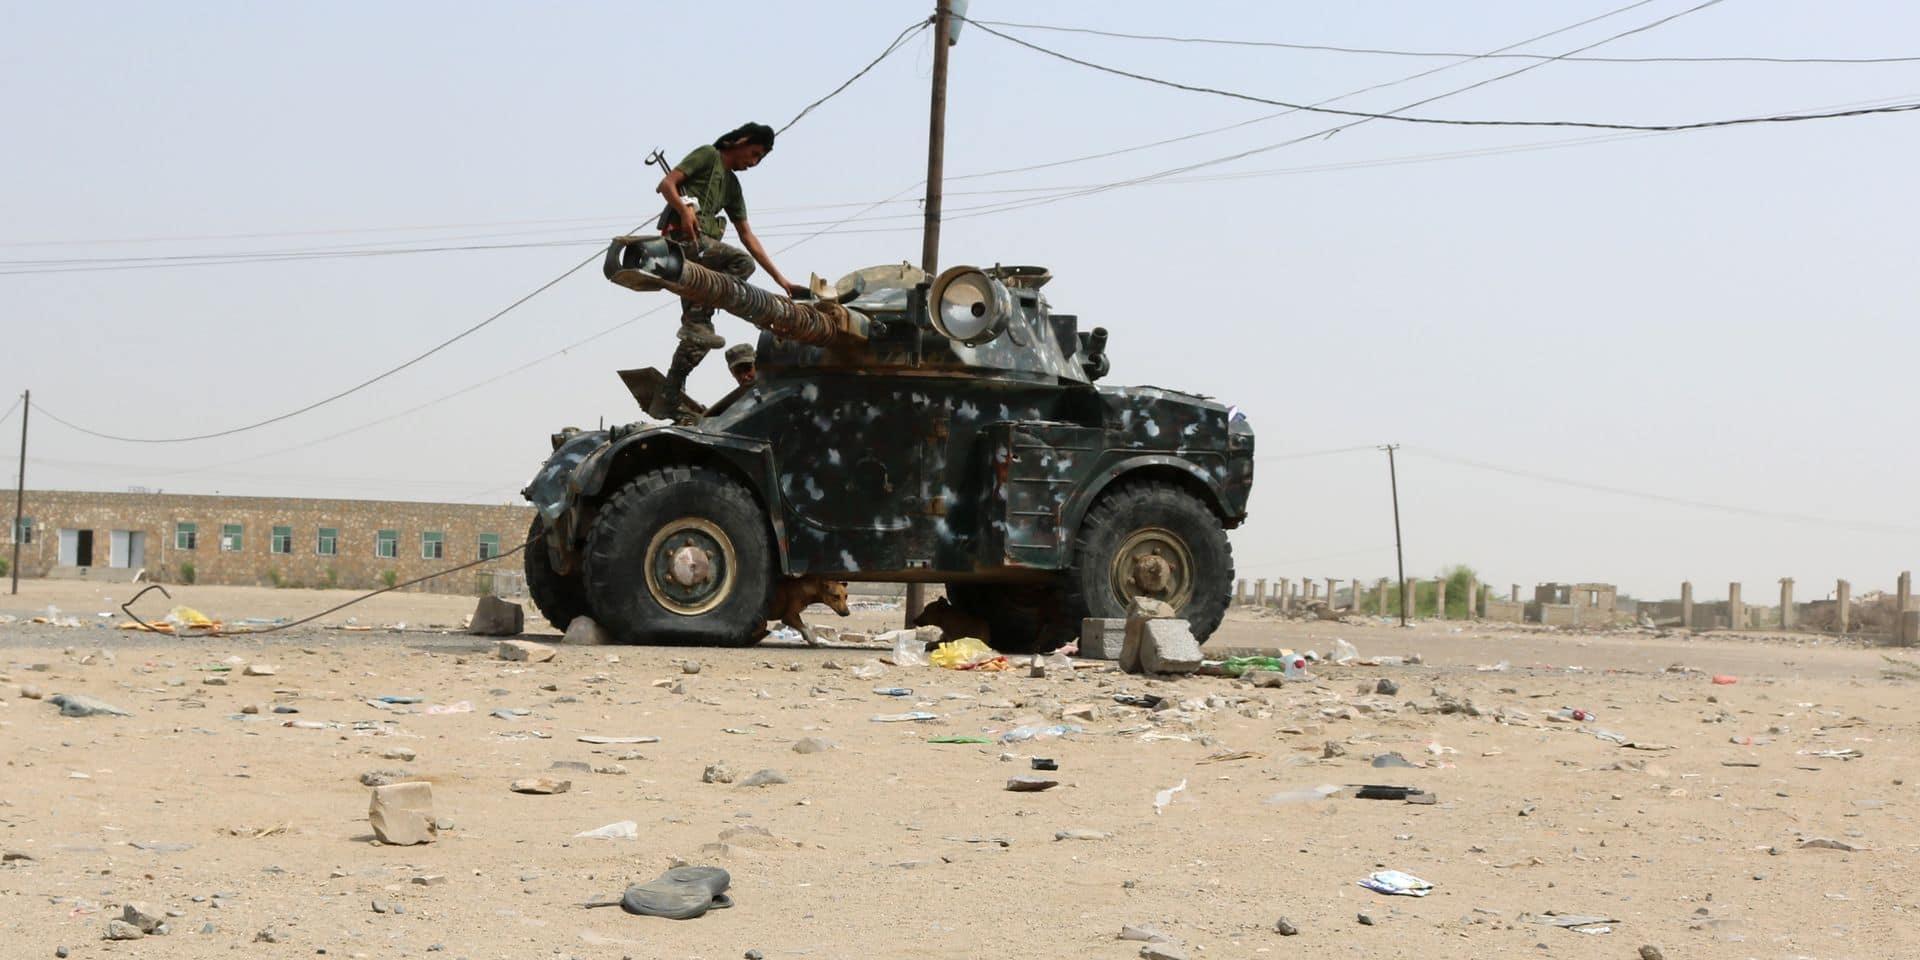 Yémen: l'ONU contrainte d'arrêter des programmes humanitaires faute de financement